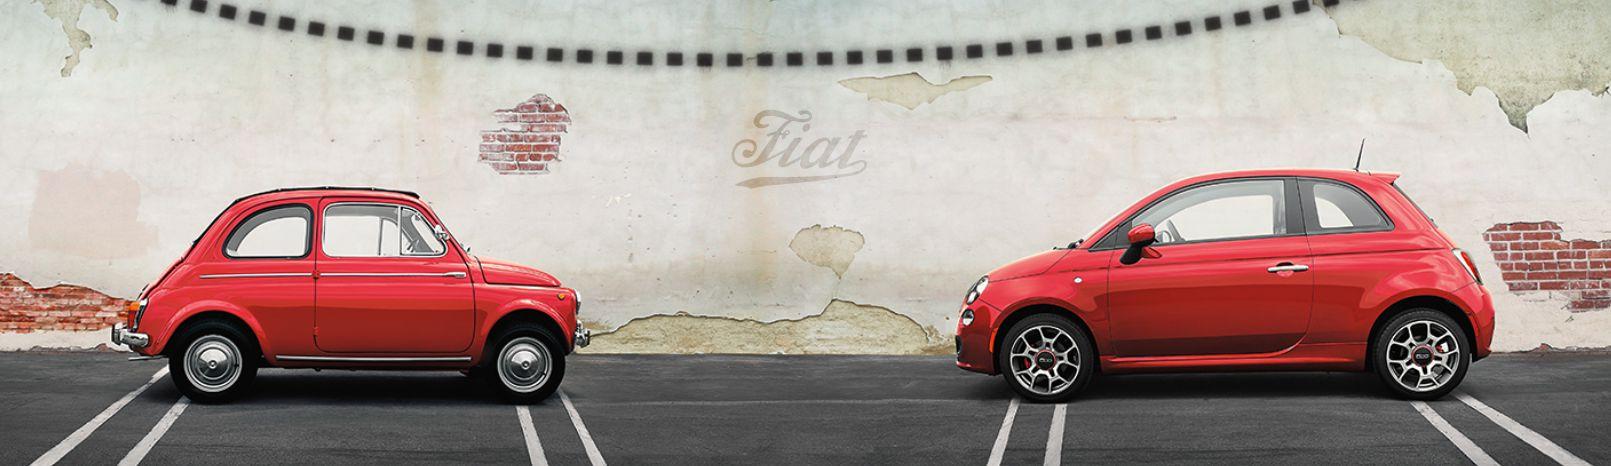 FIAT History header